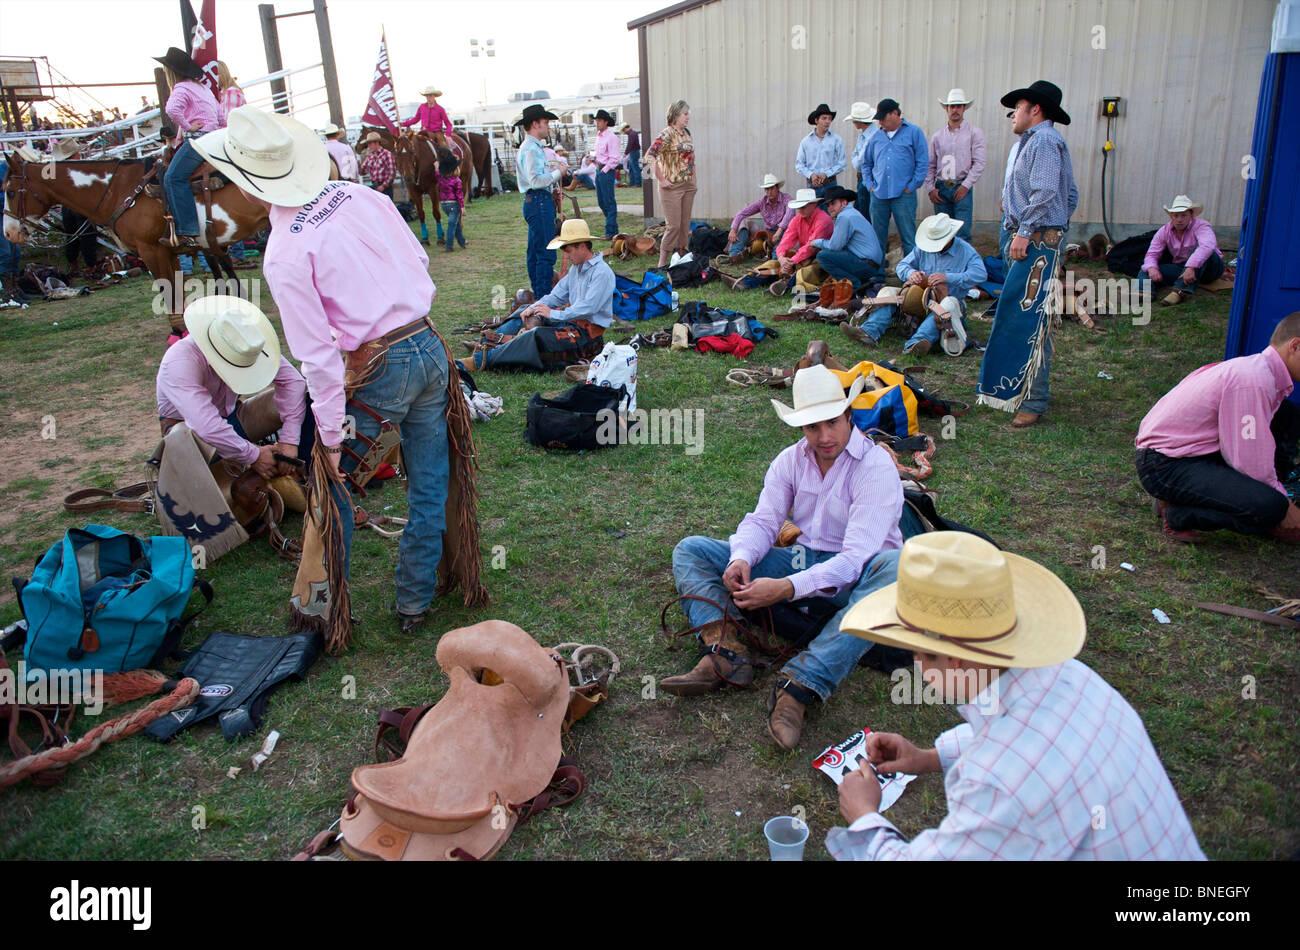 Cowboy-Mitglieder des PRCA Rodeo Veranstaltung in Bridgeport, Texas, USA hinter den Kulissen wartet Stockfoto